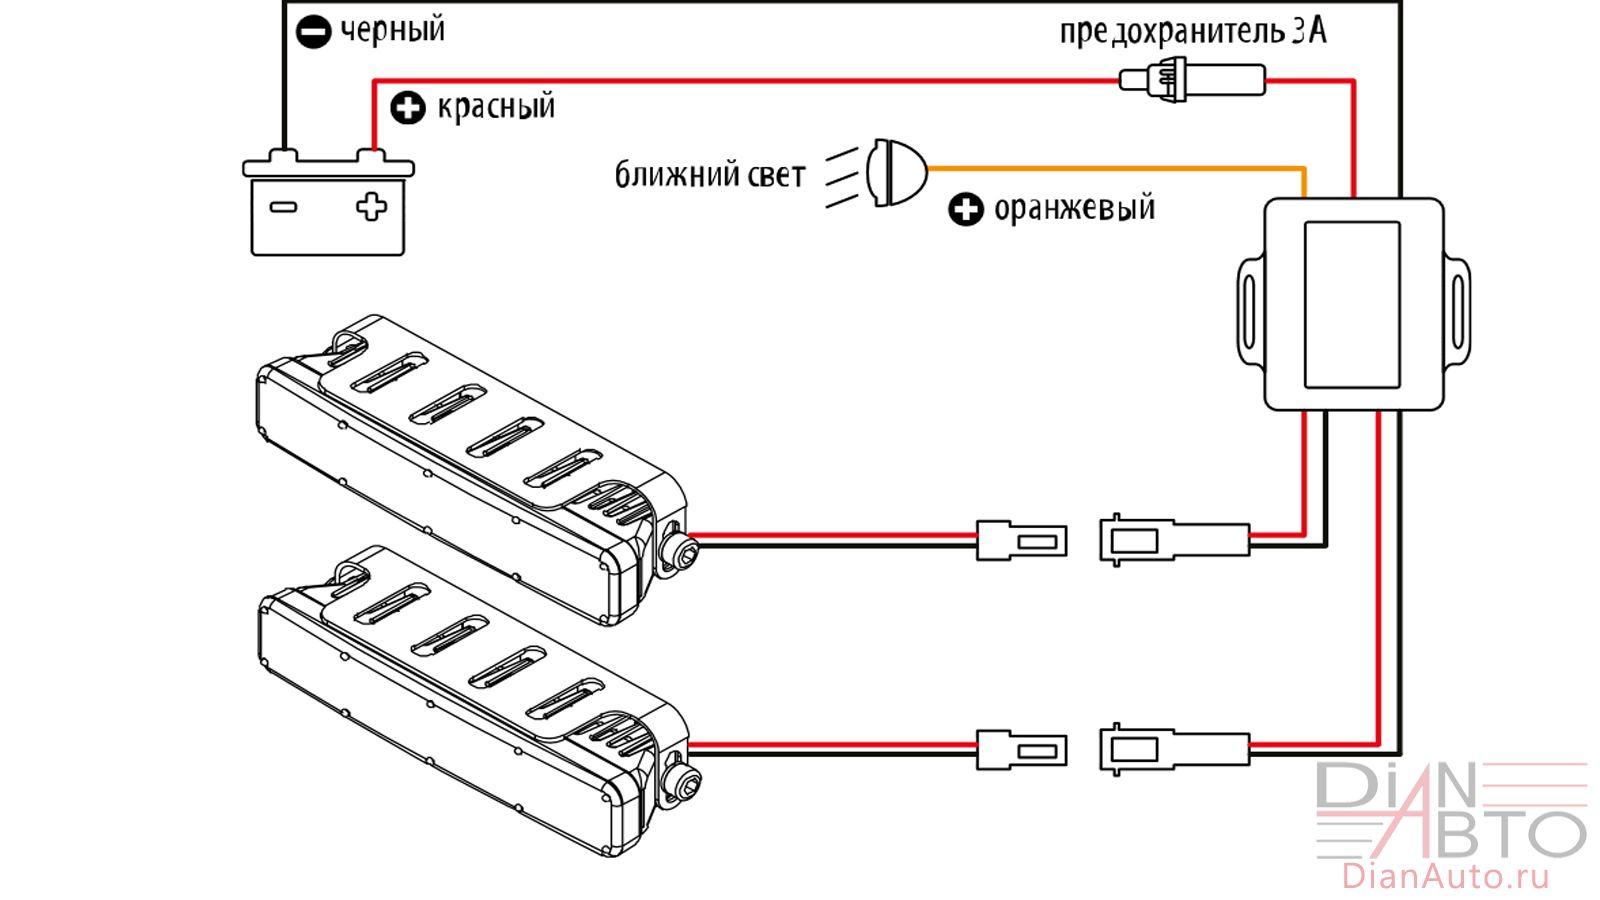 Led drl схема подключение